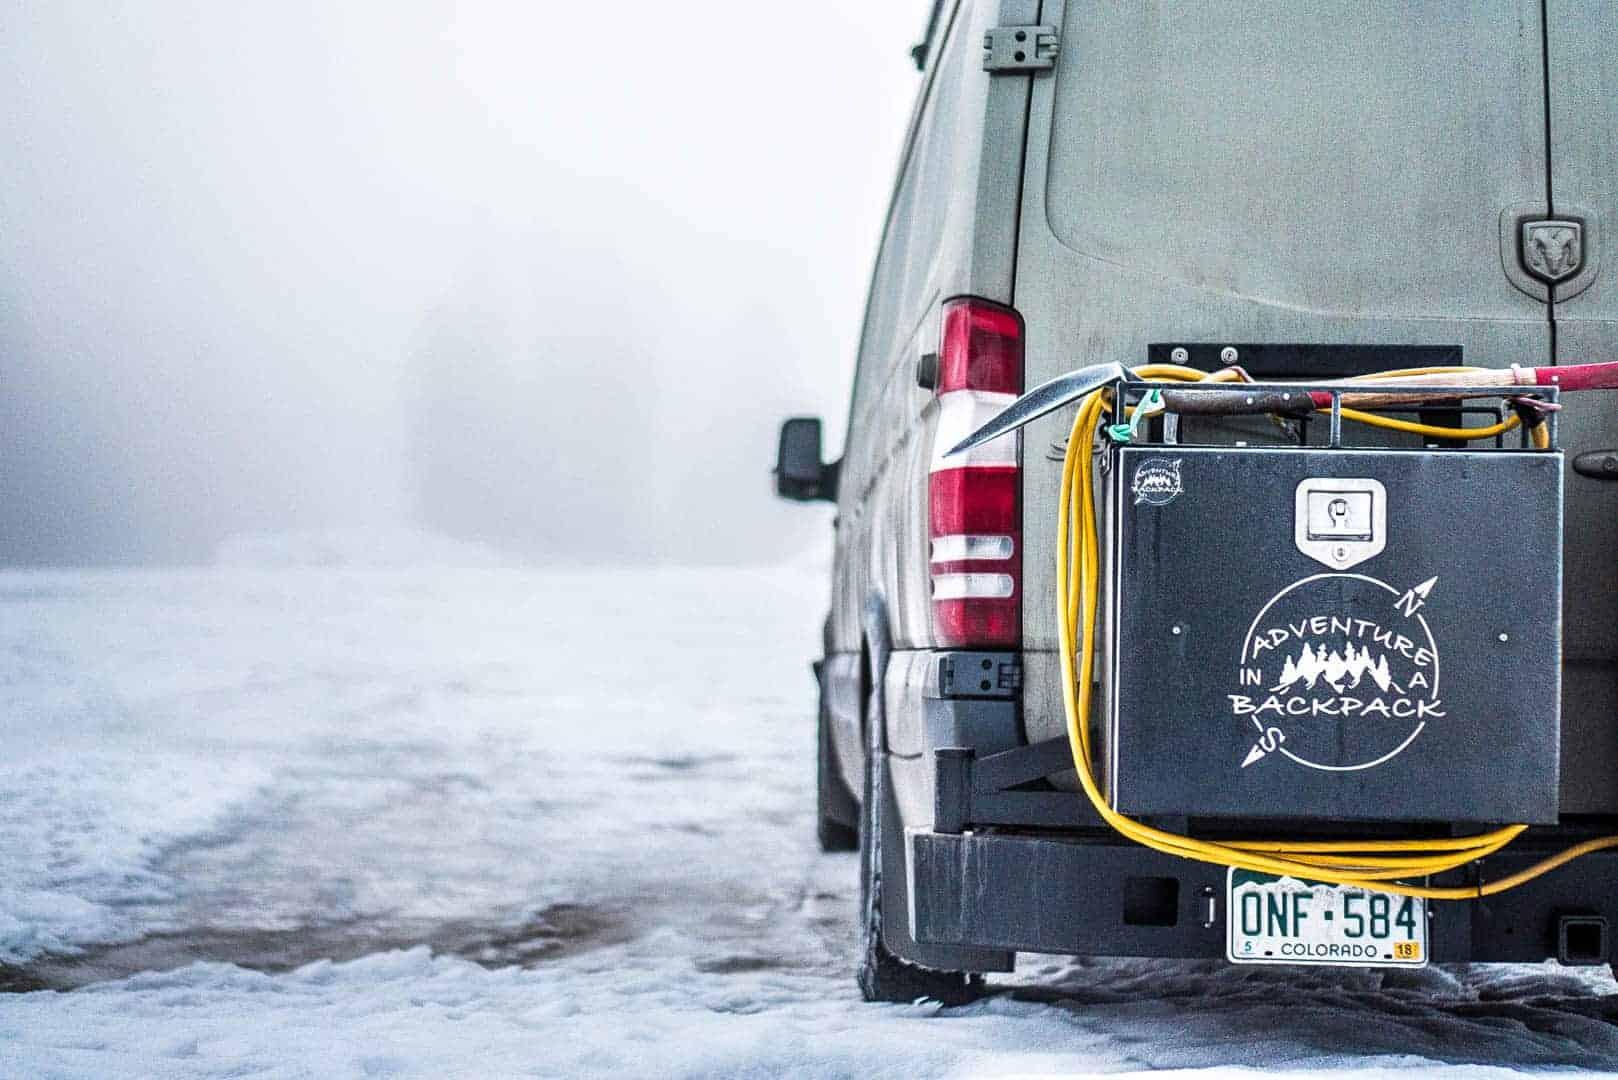 winter vanlife more than skiing powder banff-3